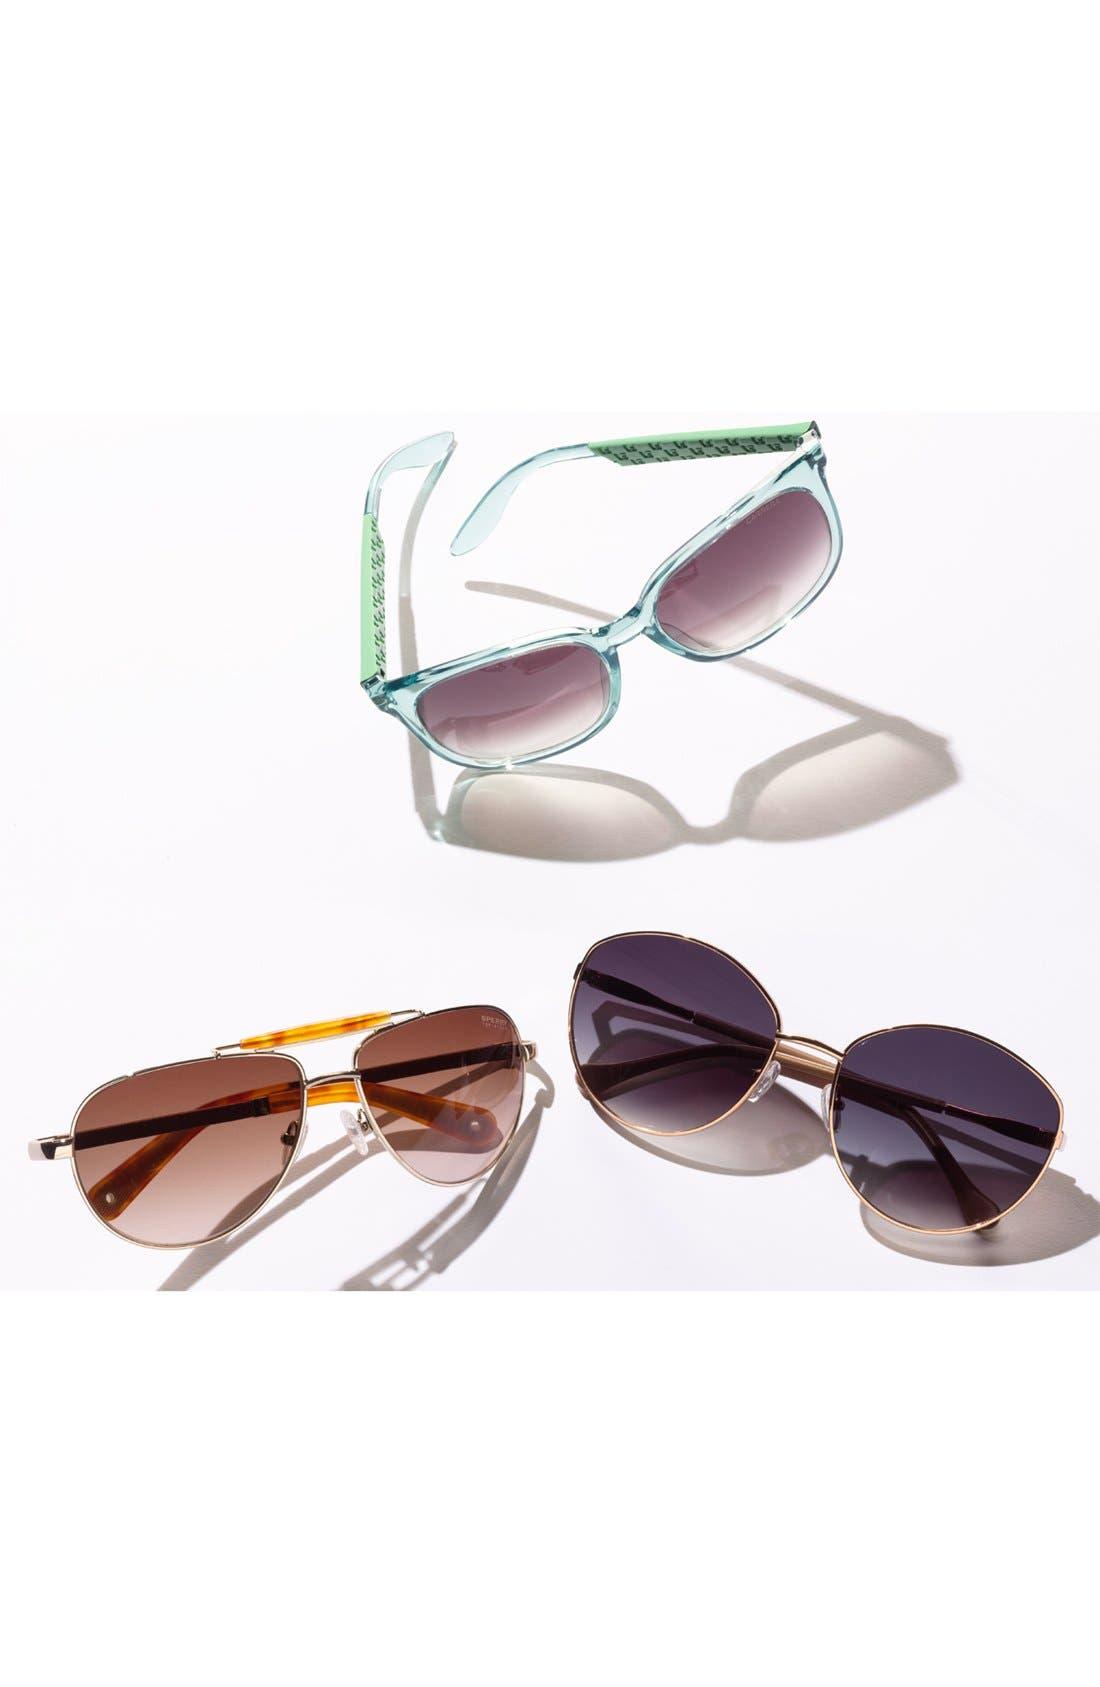 CARRERA EYEWEAR,                             57mm Sunglasses,                             Alternate thumbnail 4, color,                             020